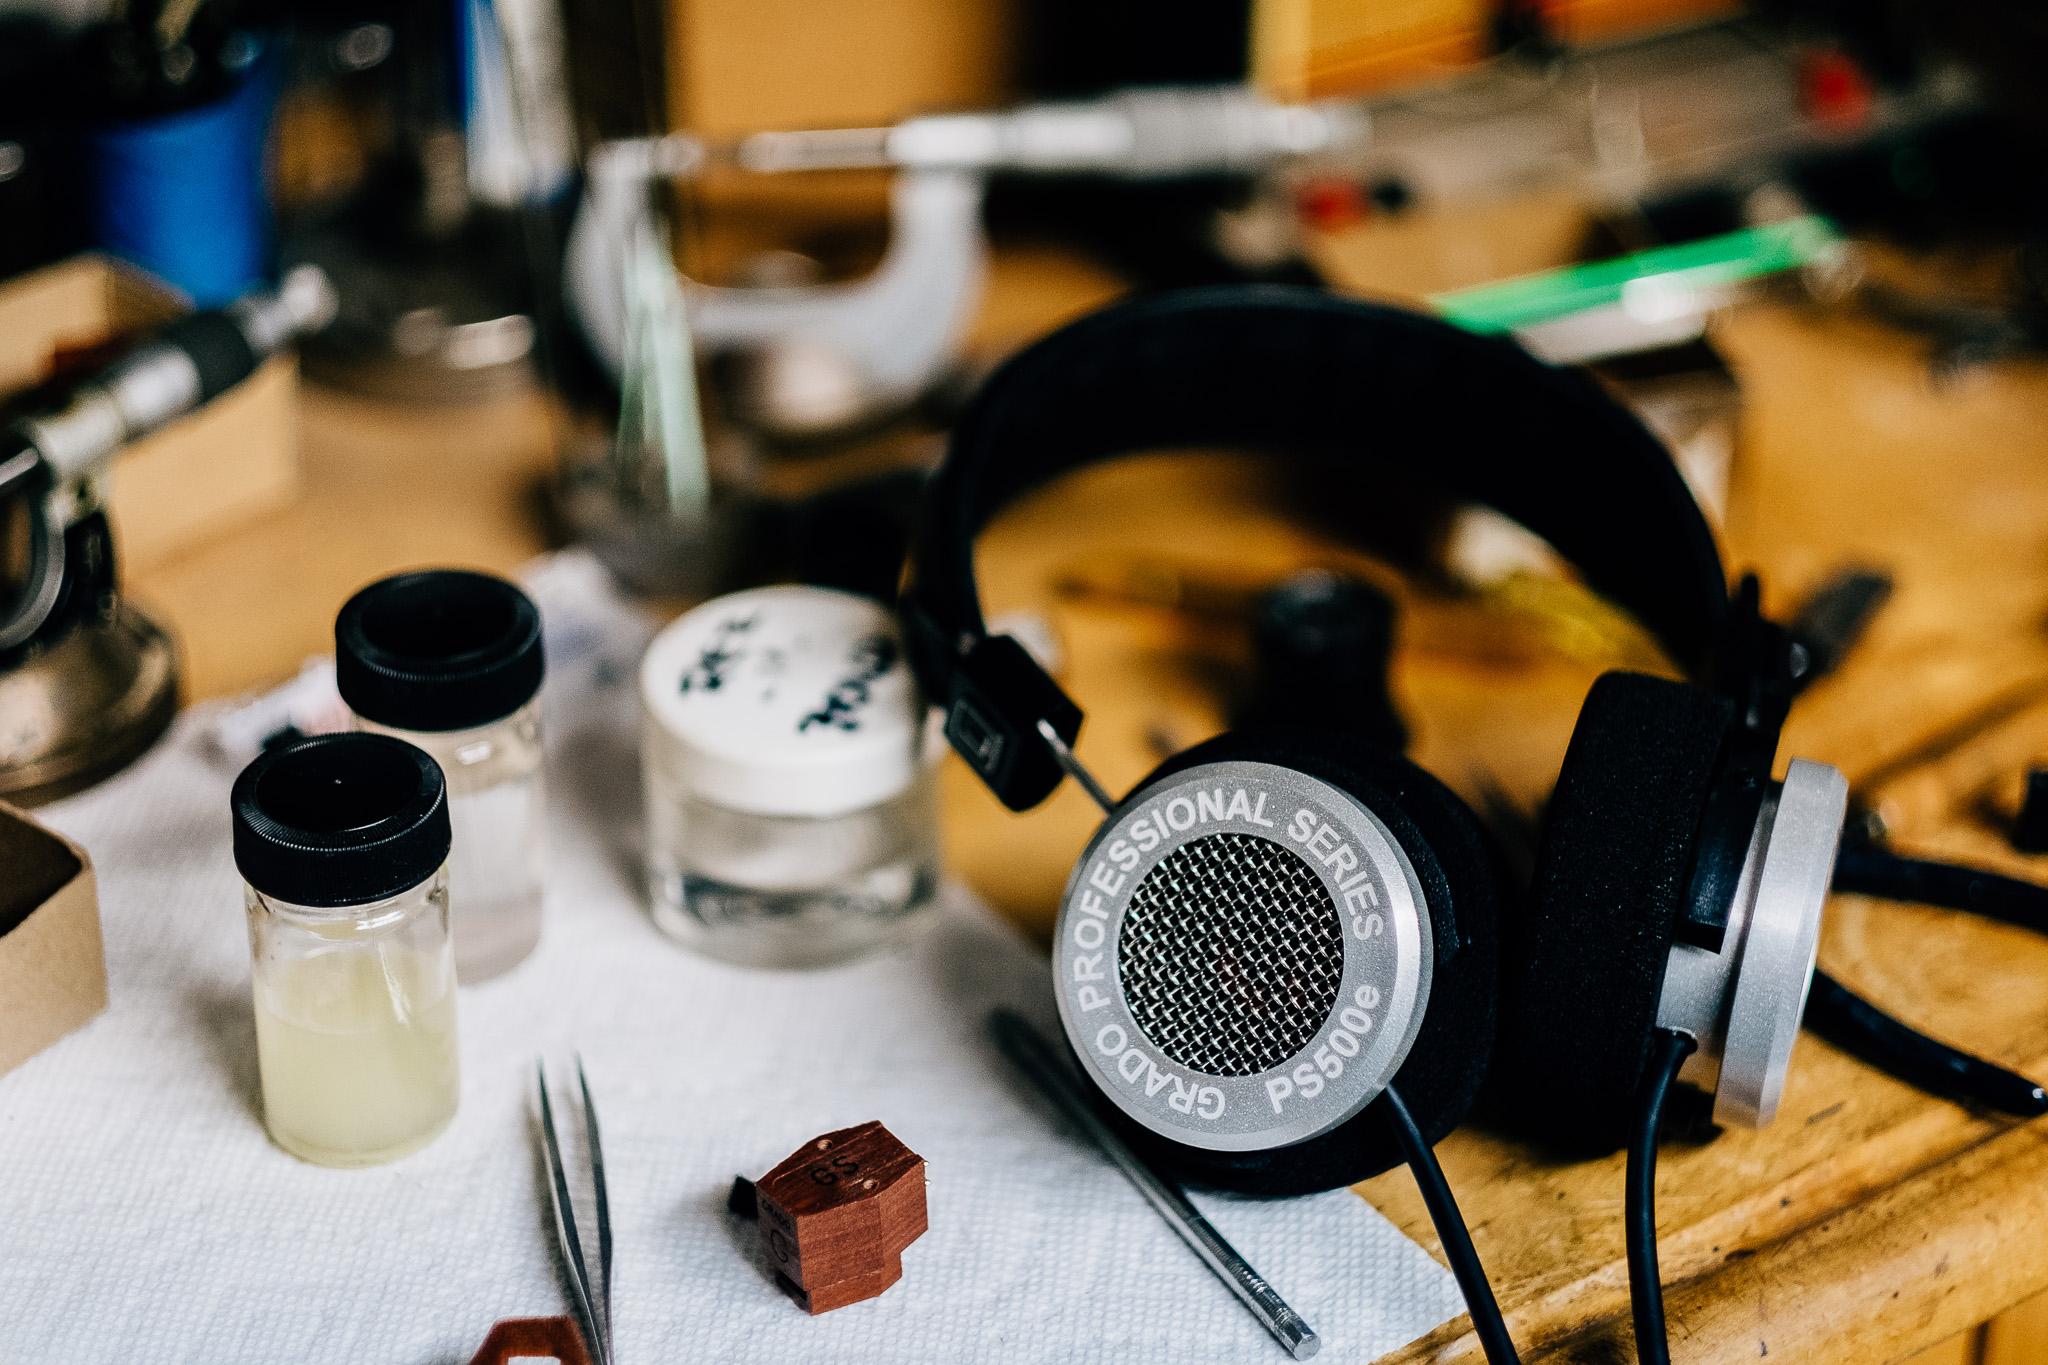 Grado PS500e at Grado Labs